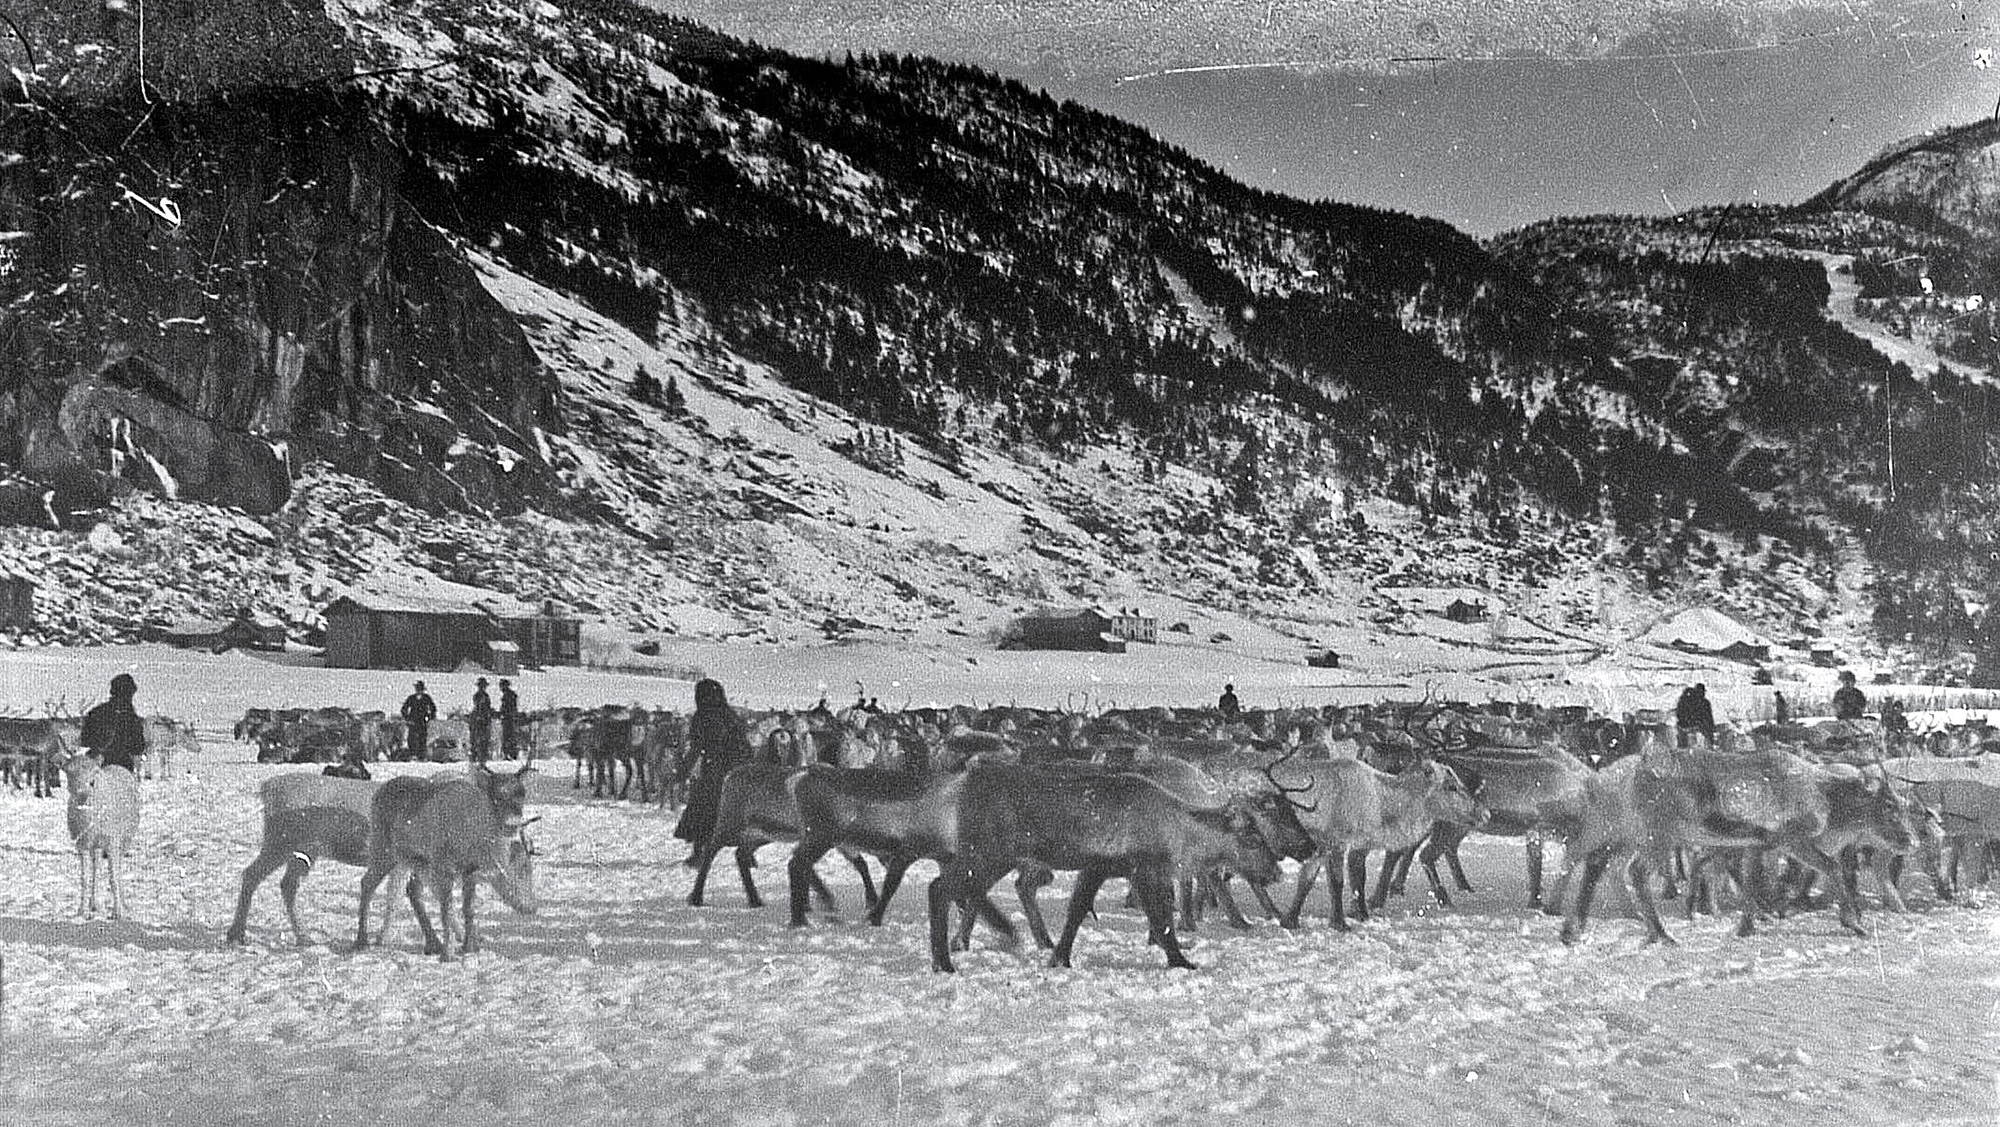 Sørsamane Lars Johnsen og Sigrid Johnsen var blant dei som var lengst i Setesdal med eigen rein, dette er flokken til Lars og Sigrid, biletet er frå slaktinga på Bjørgum i Valle i 1914. Foto utlånt av Setesdalsmuseet.